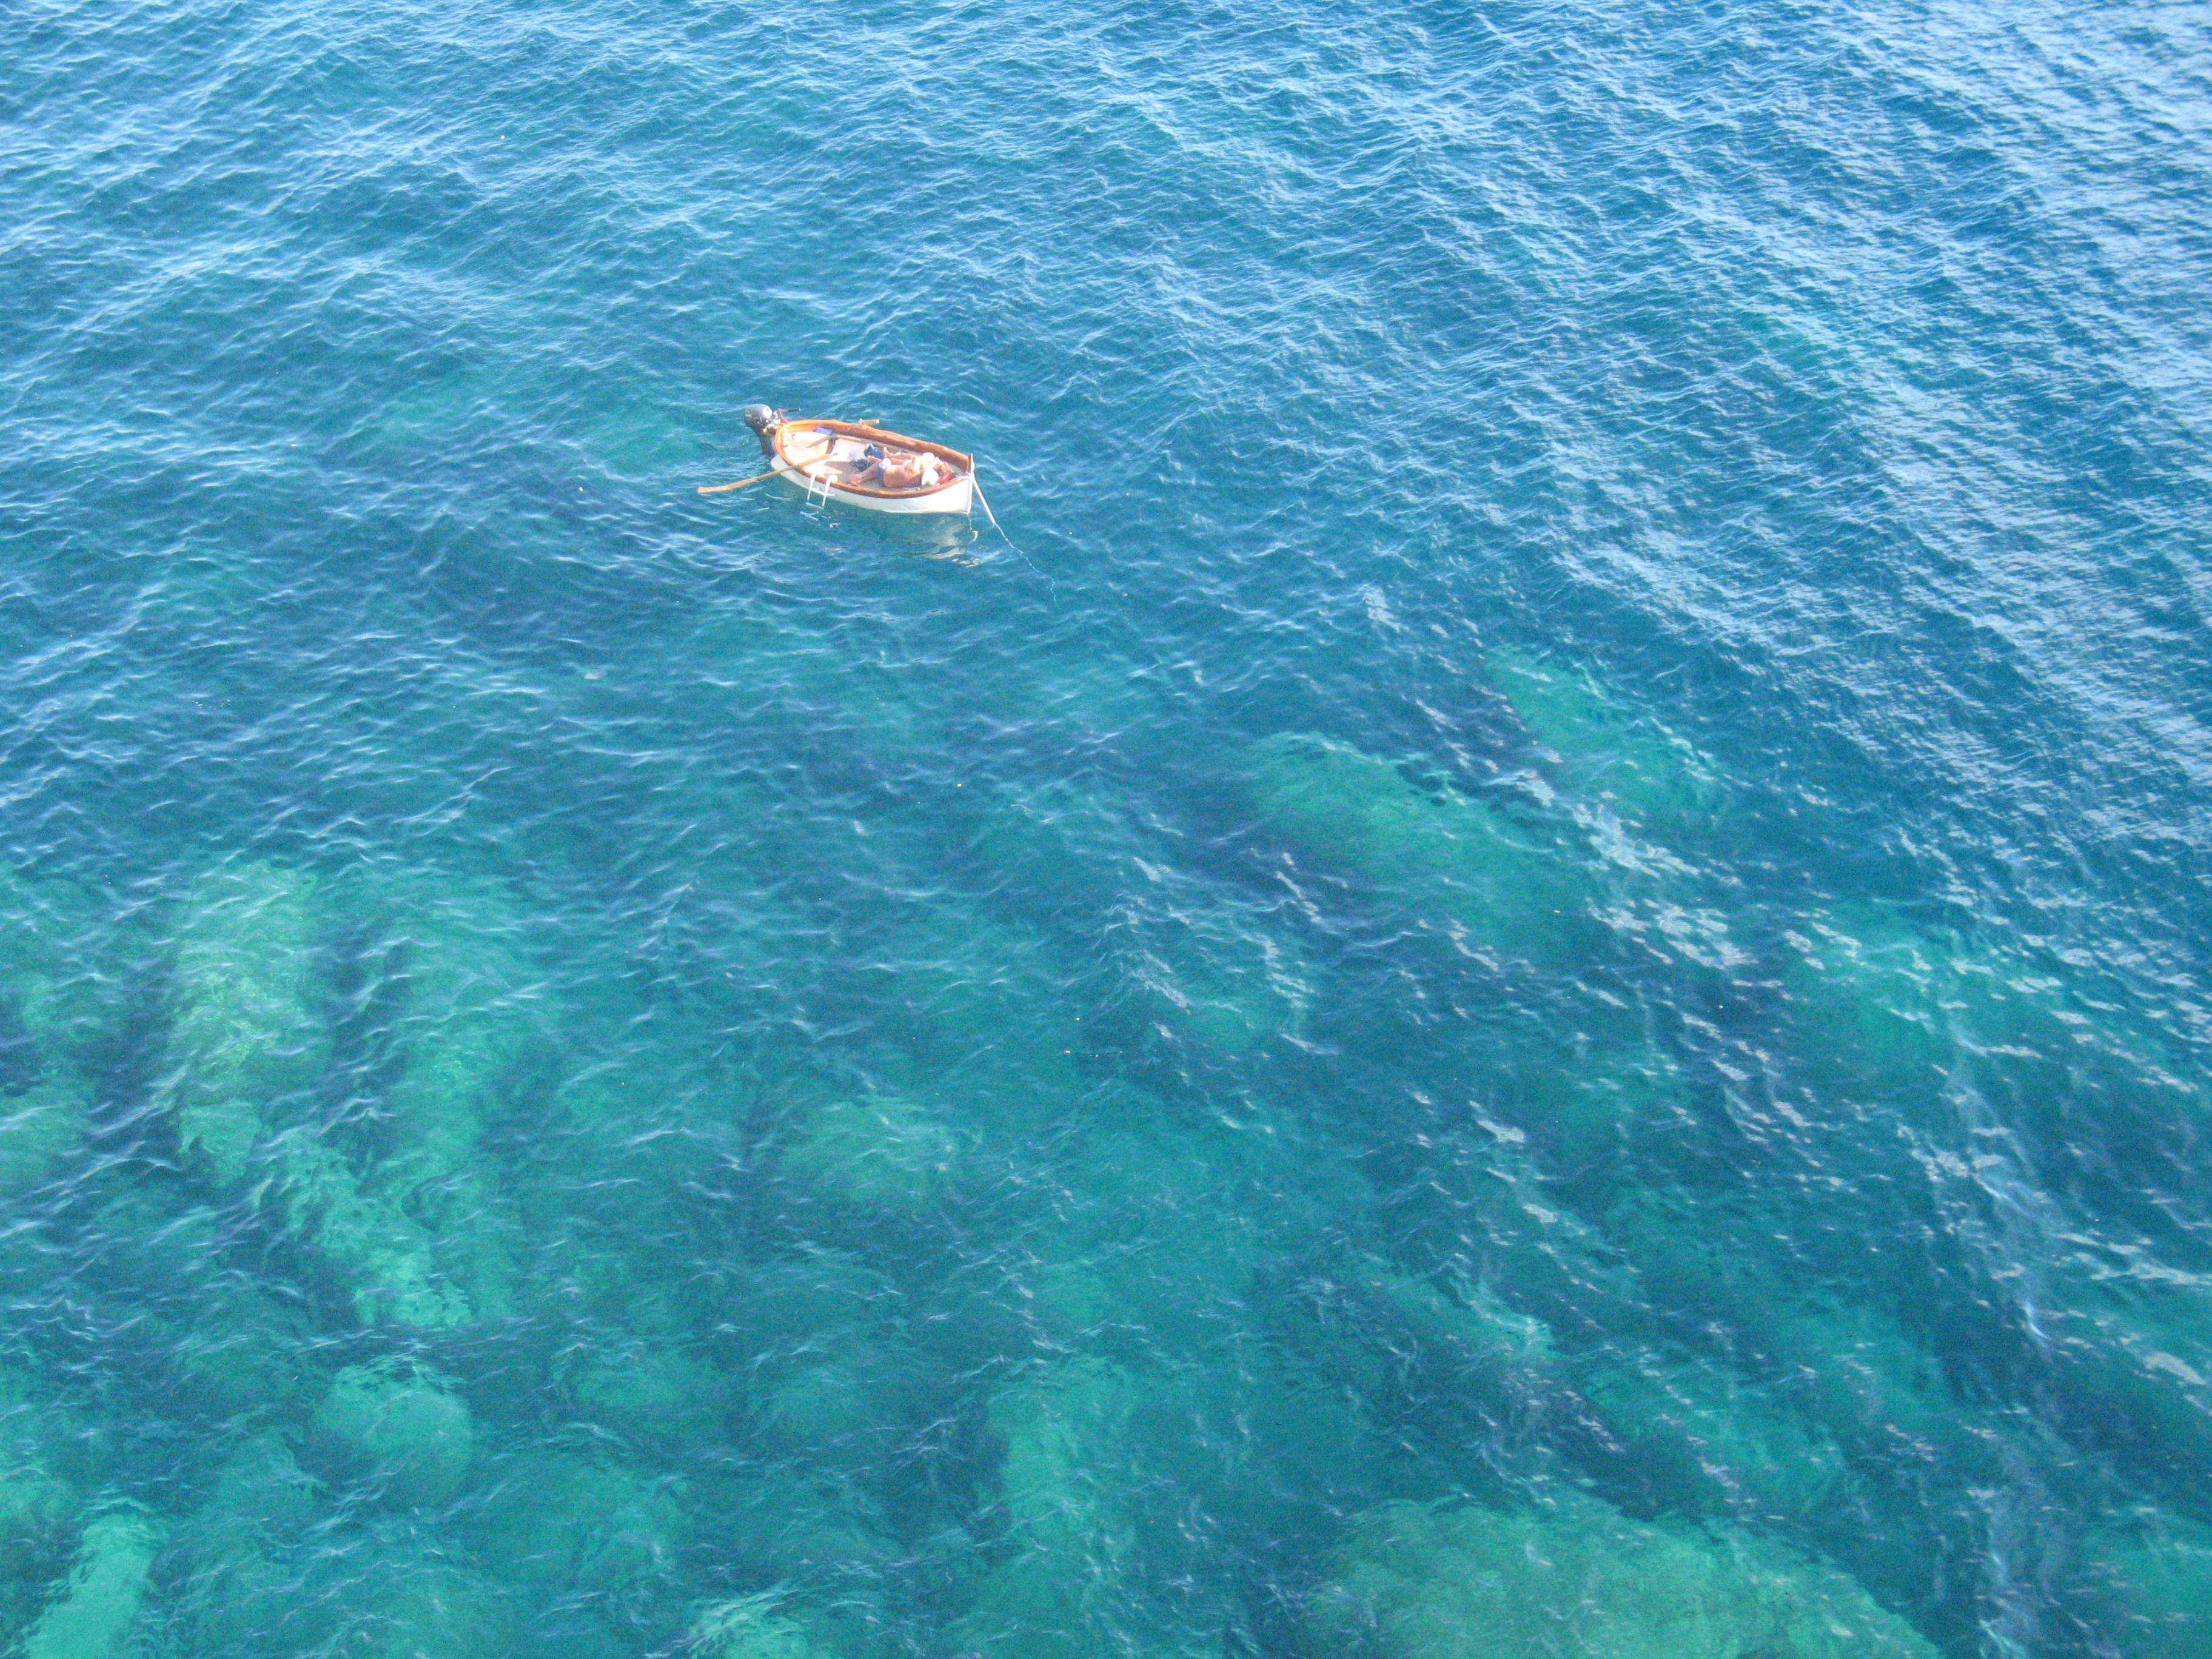 Un'occasione didattica per ricordare la centralità degli ecosistemi marini, l'8 giugno a Diano Marina